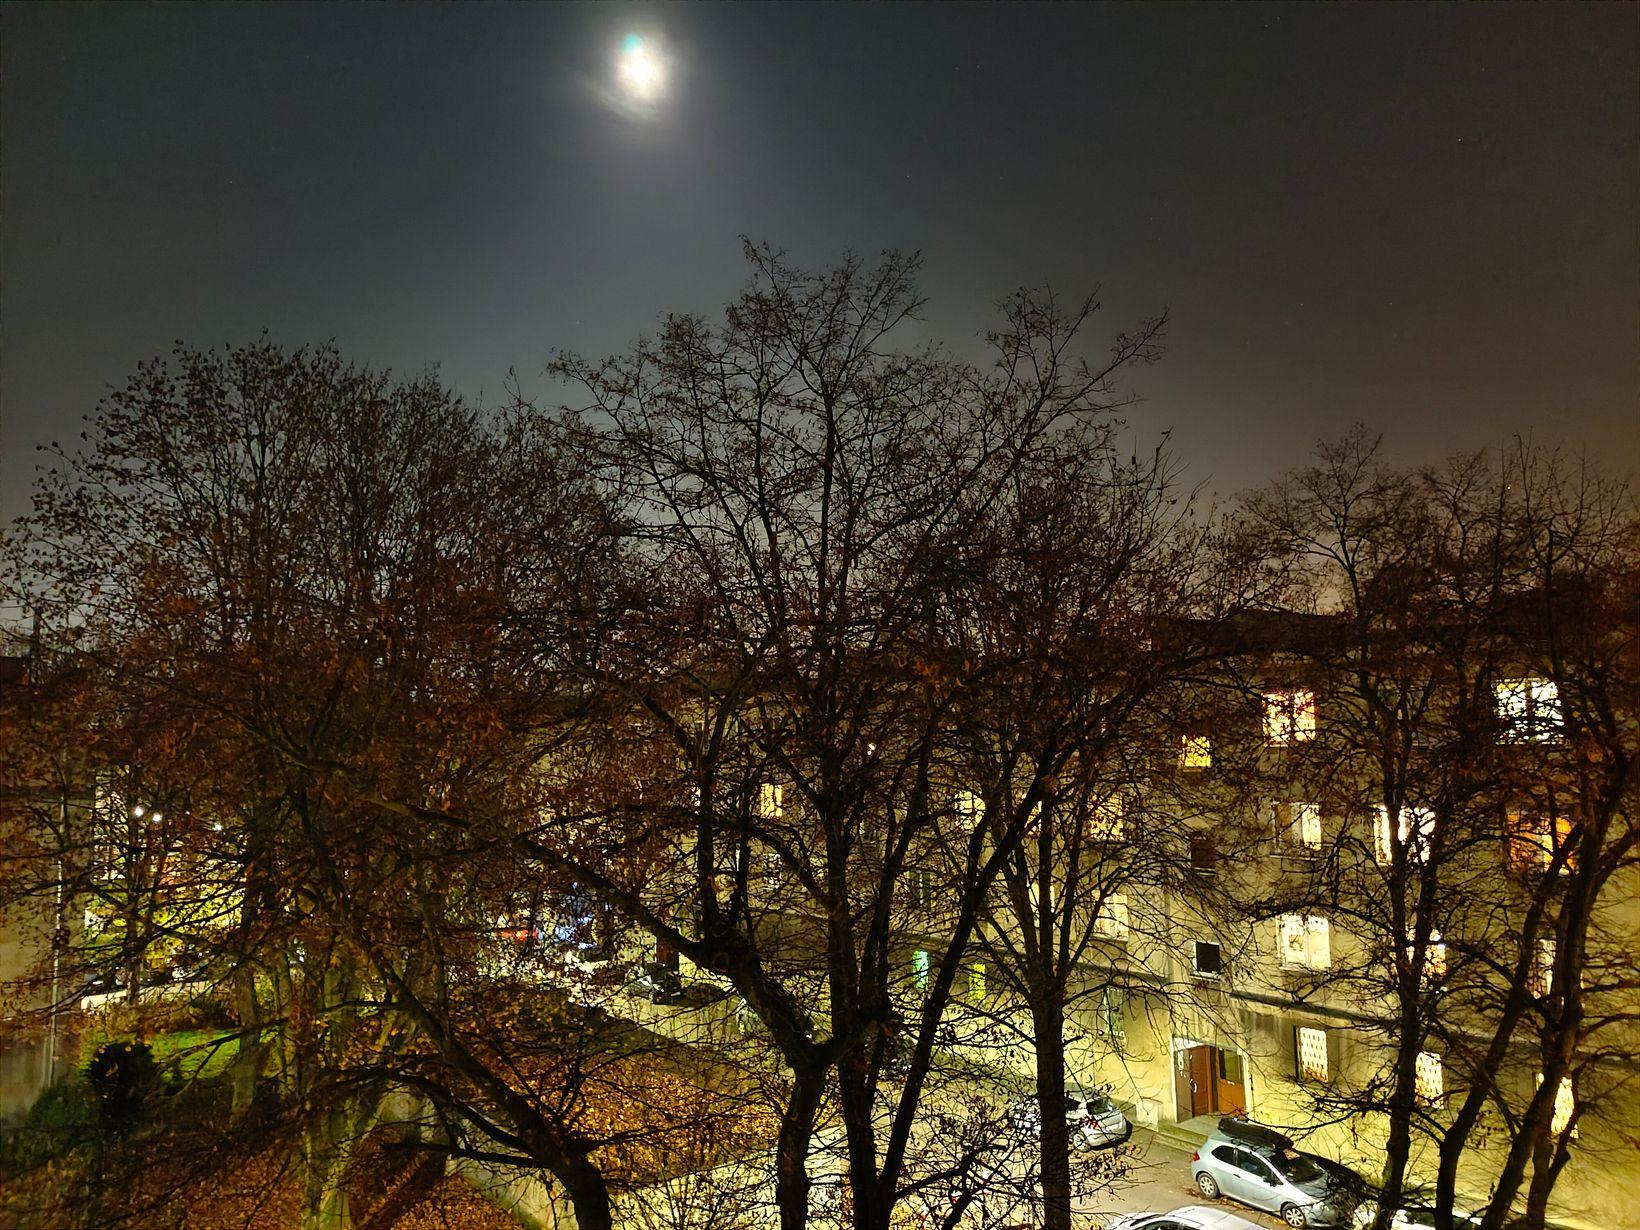 zdjęcie nocne X451 5G